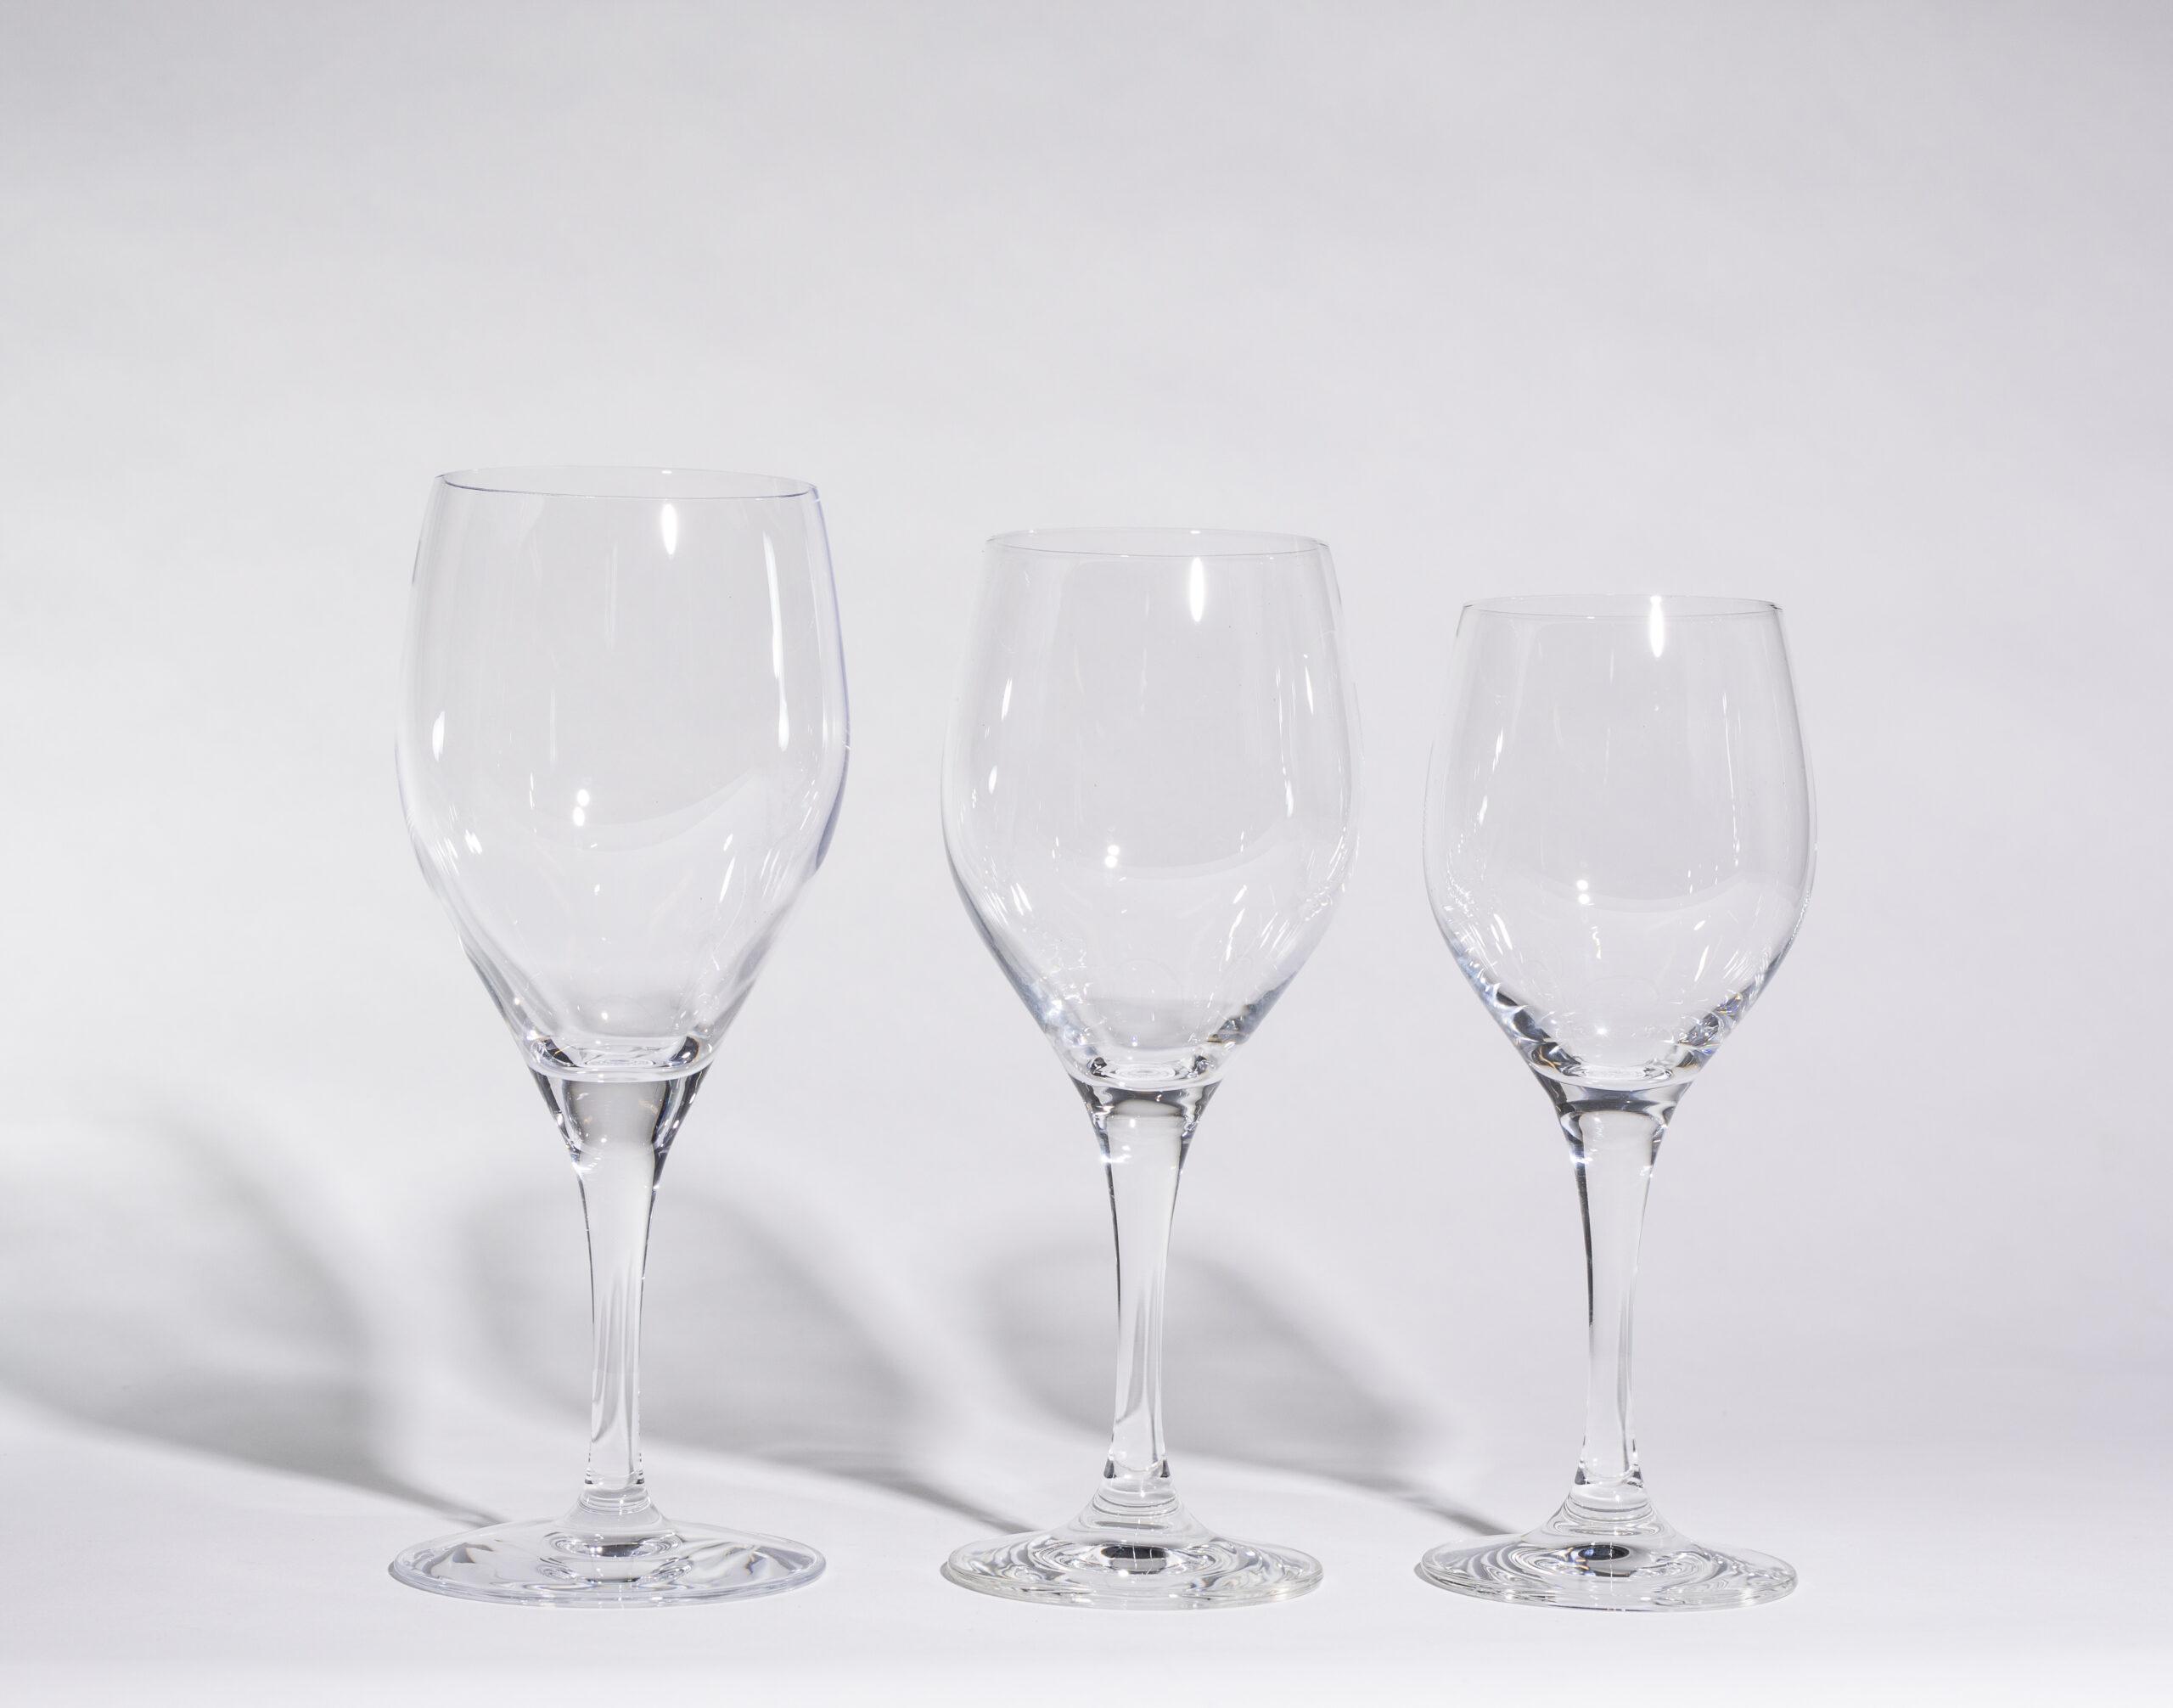 Wine glasses (14,10 or 8oz, stemmed)